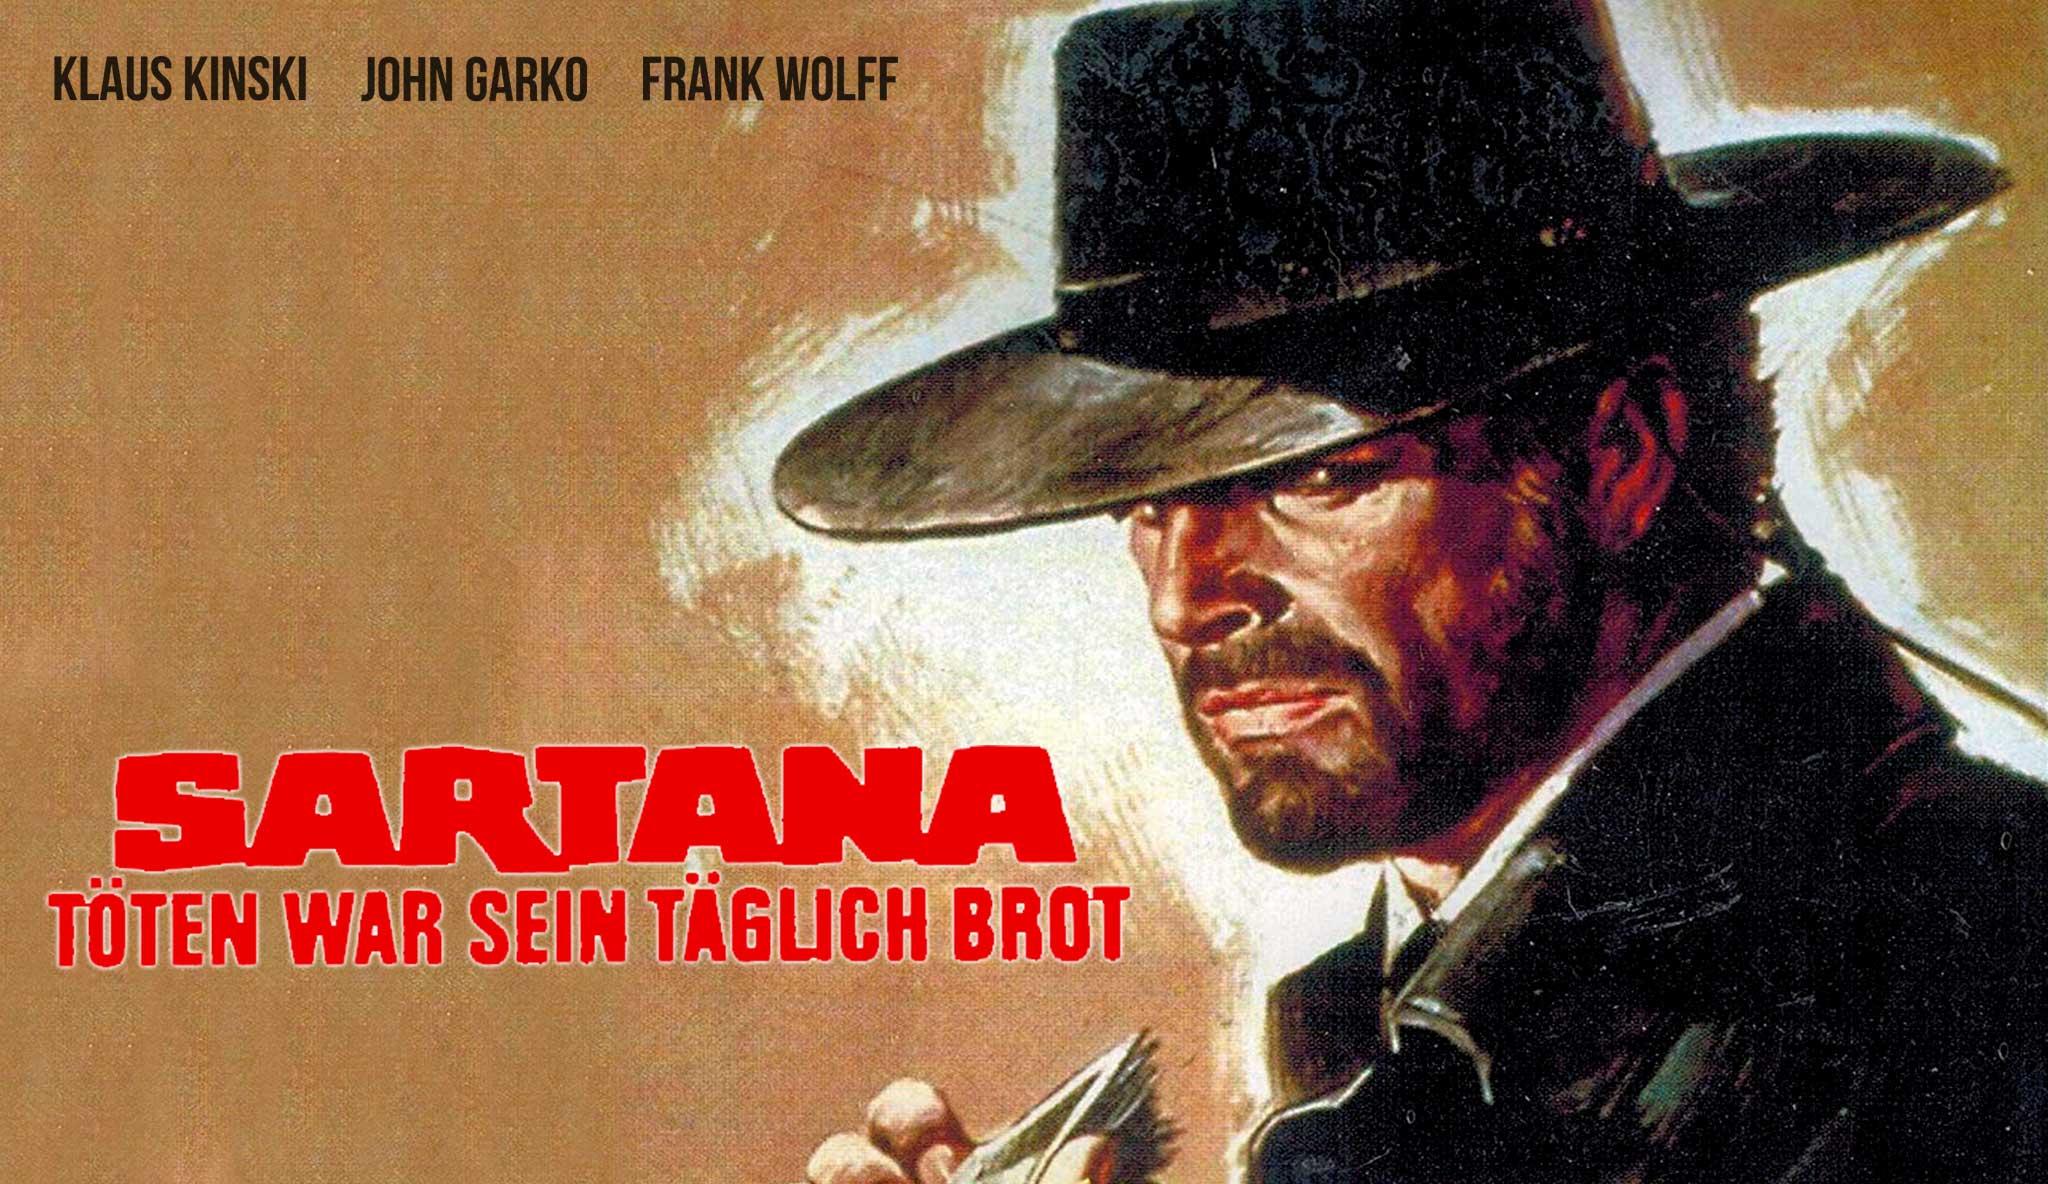 sartana-toten-war-sein-taglich-brot\header.jpg